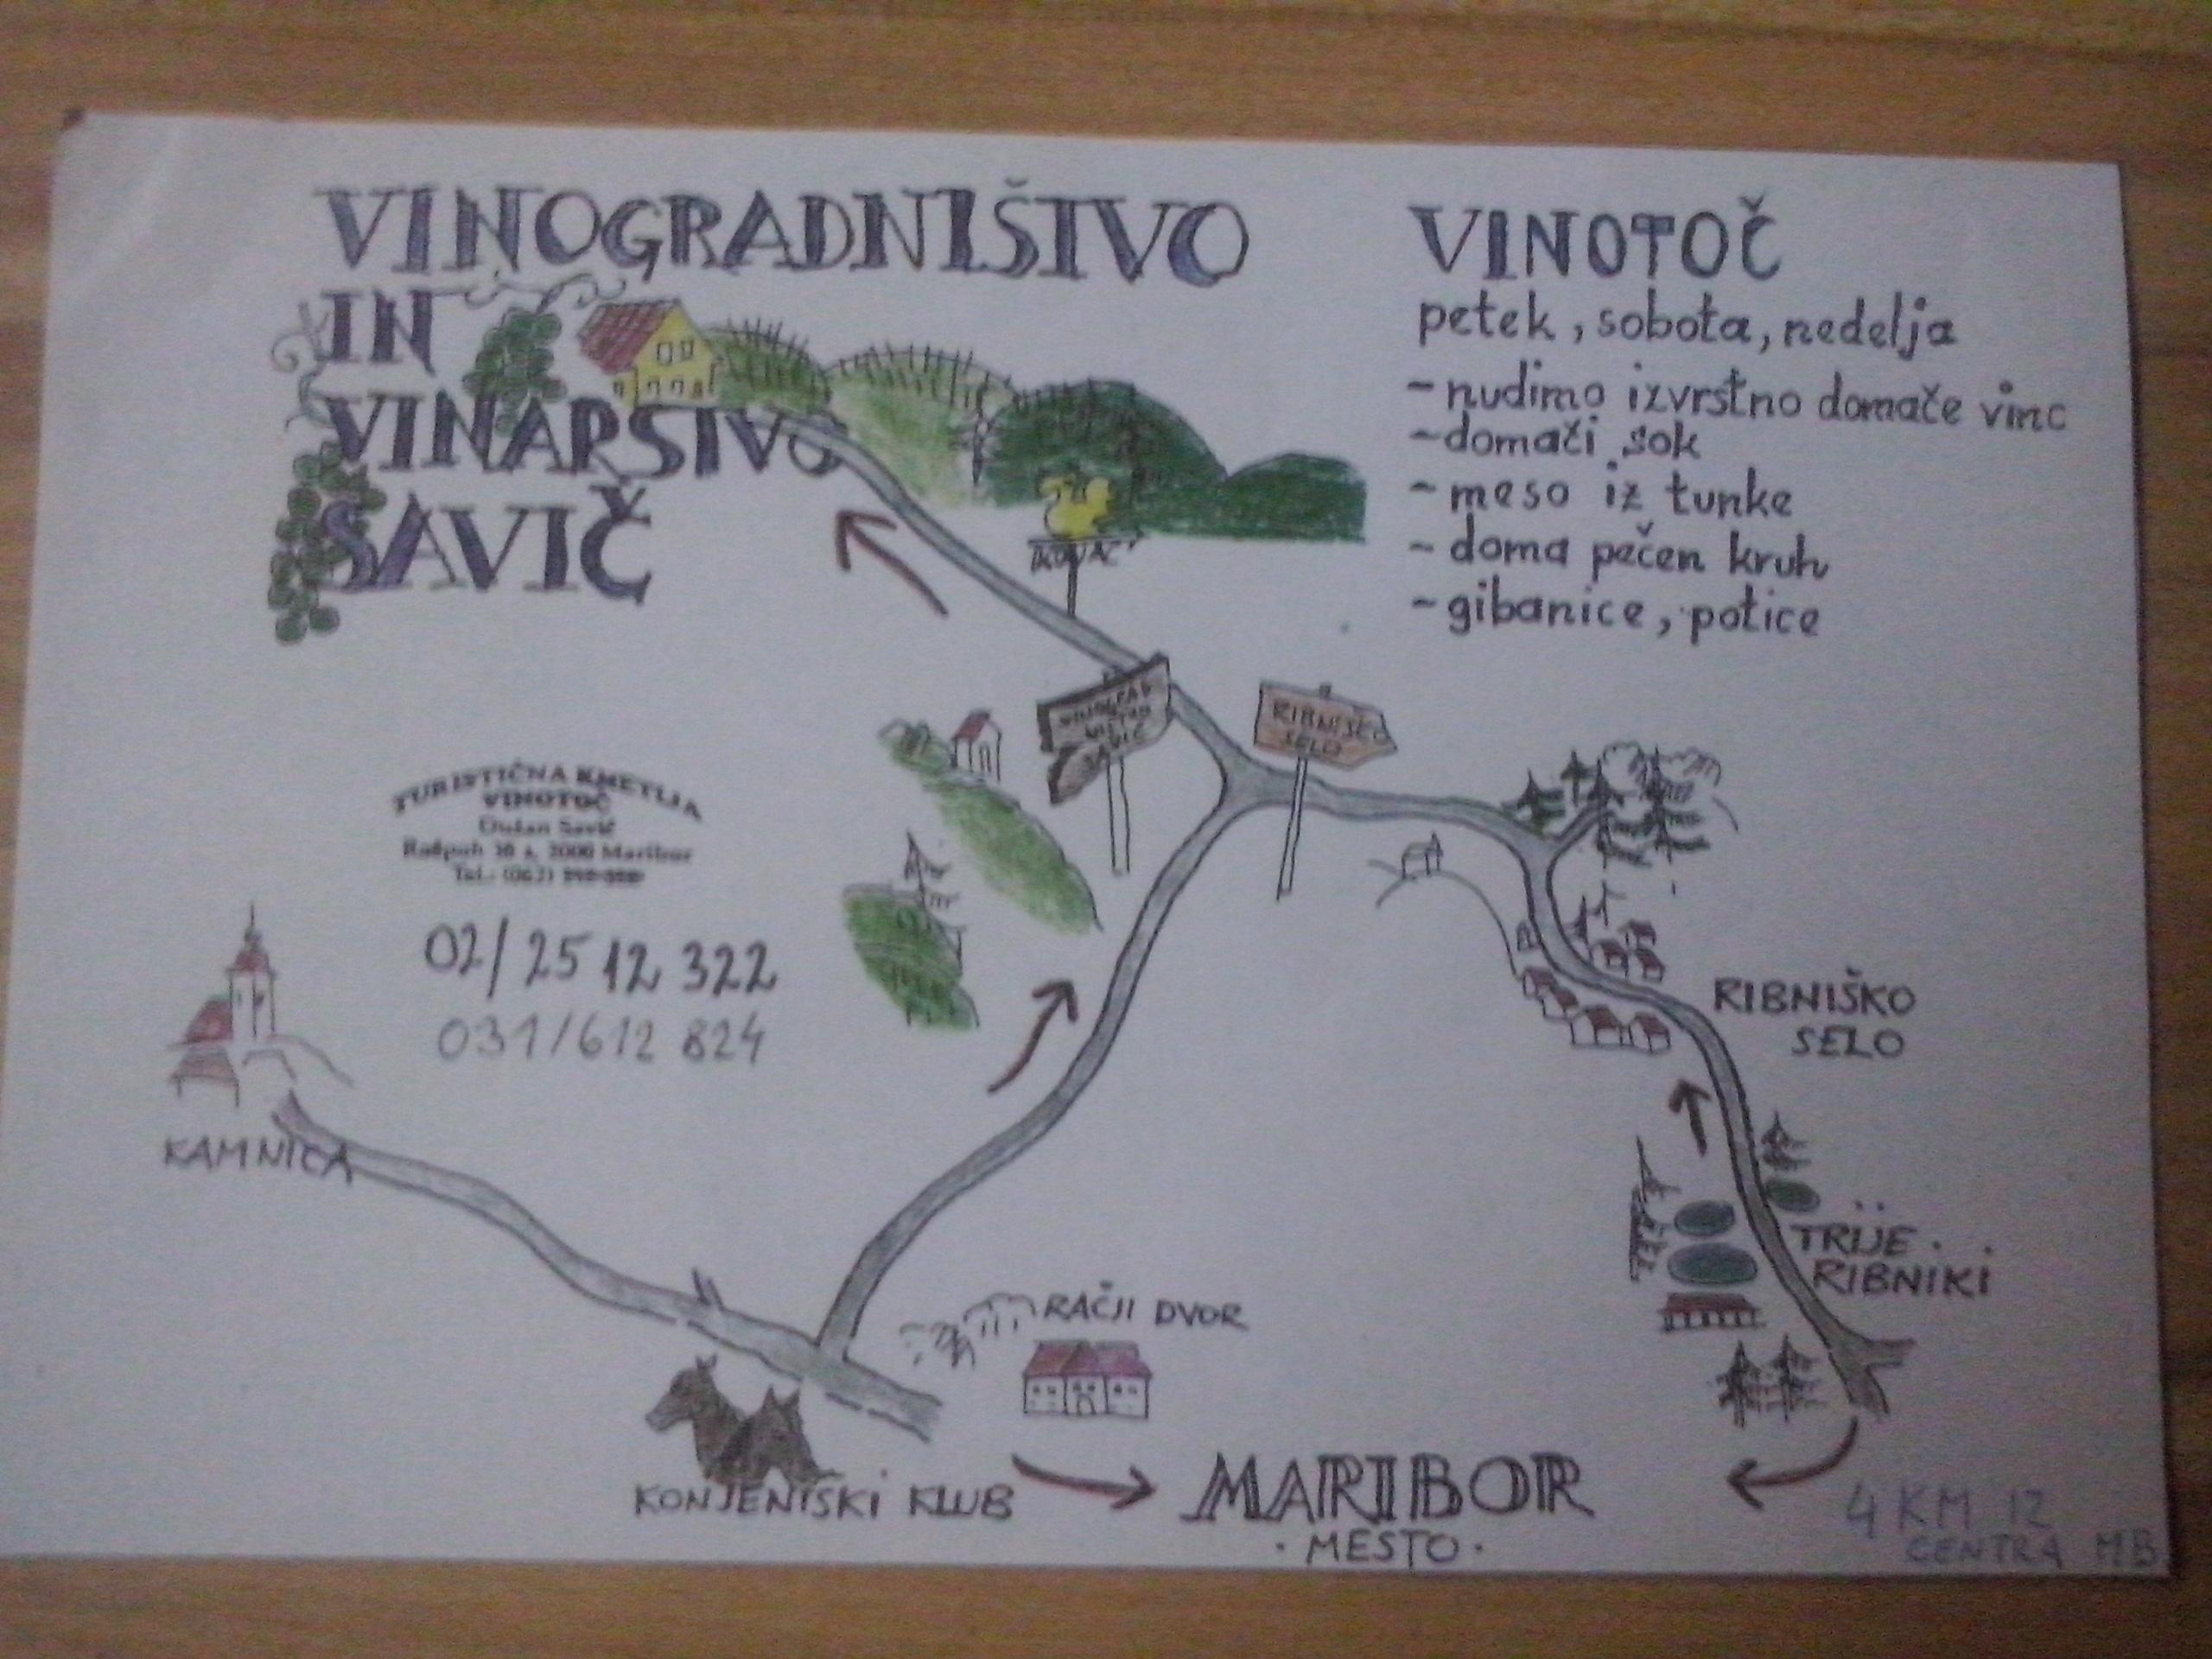 vinograd 007